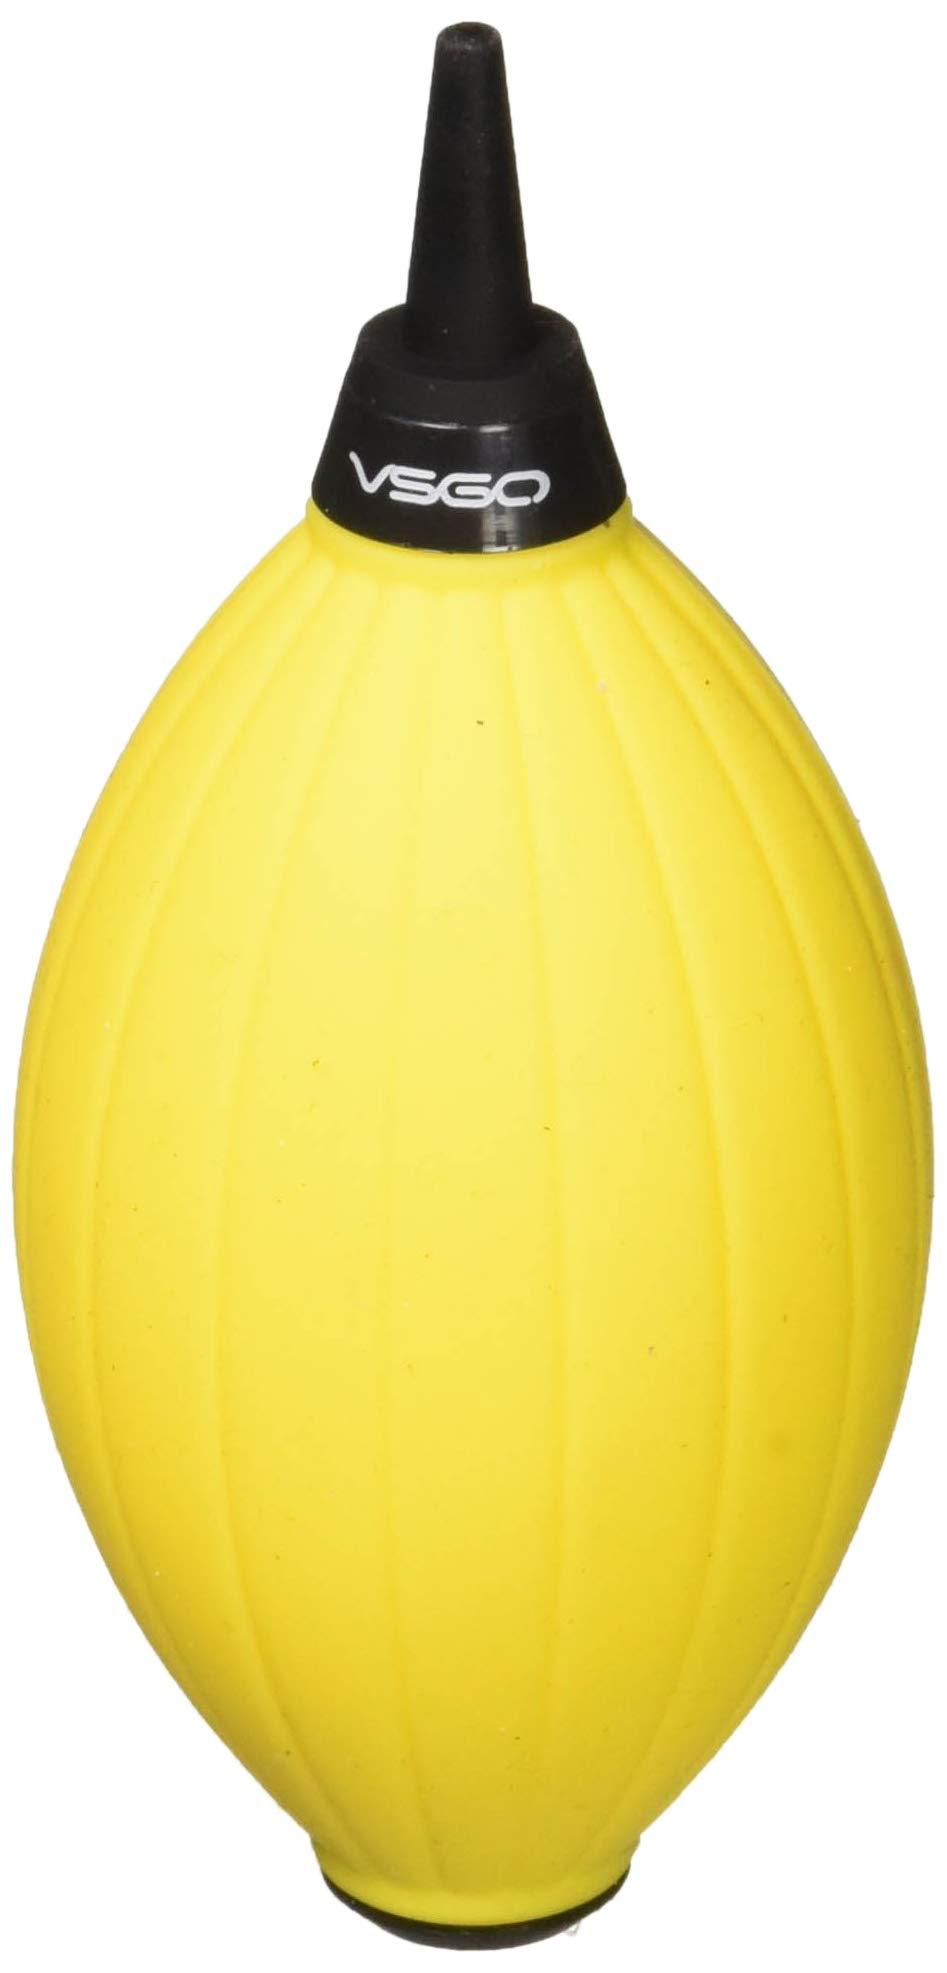 VSGOミニポータブル送風集塵機は、カメラレンズ、センサ、DVおよびコンピュータのキーボードに適しています - 黒(DDA -9-黒)VSGO DDA-9-黄色黄色